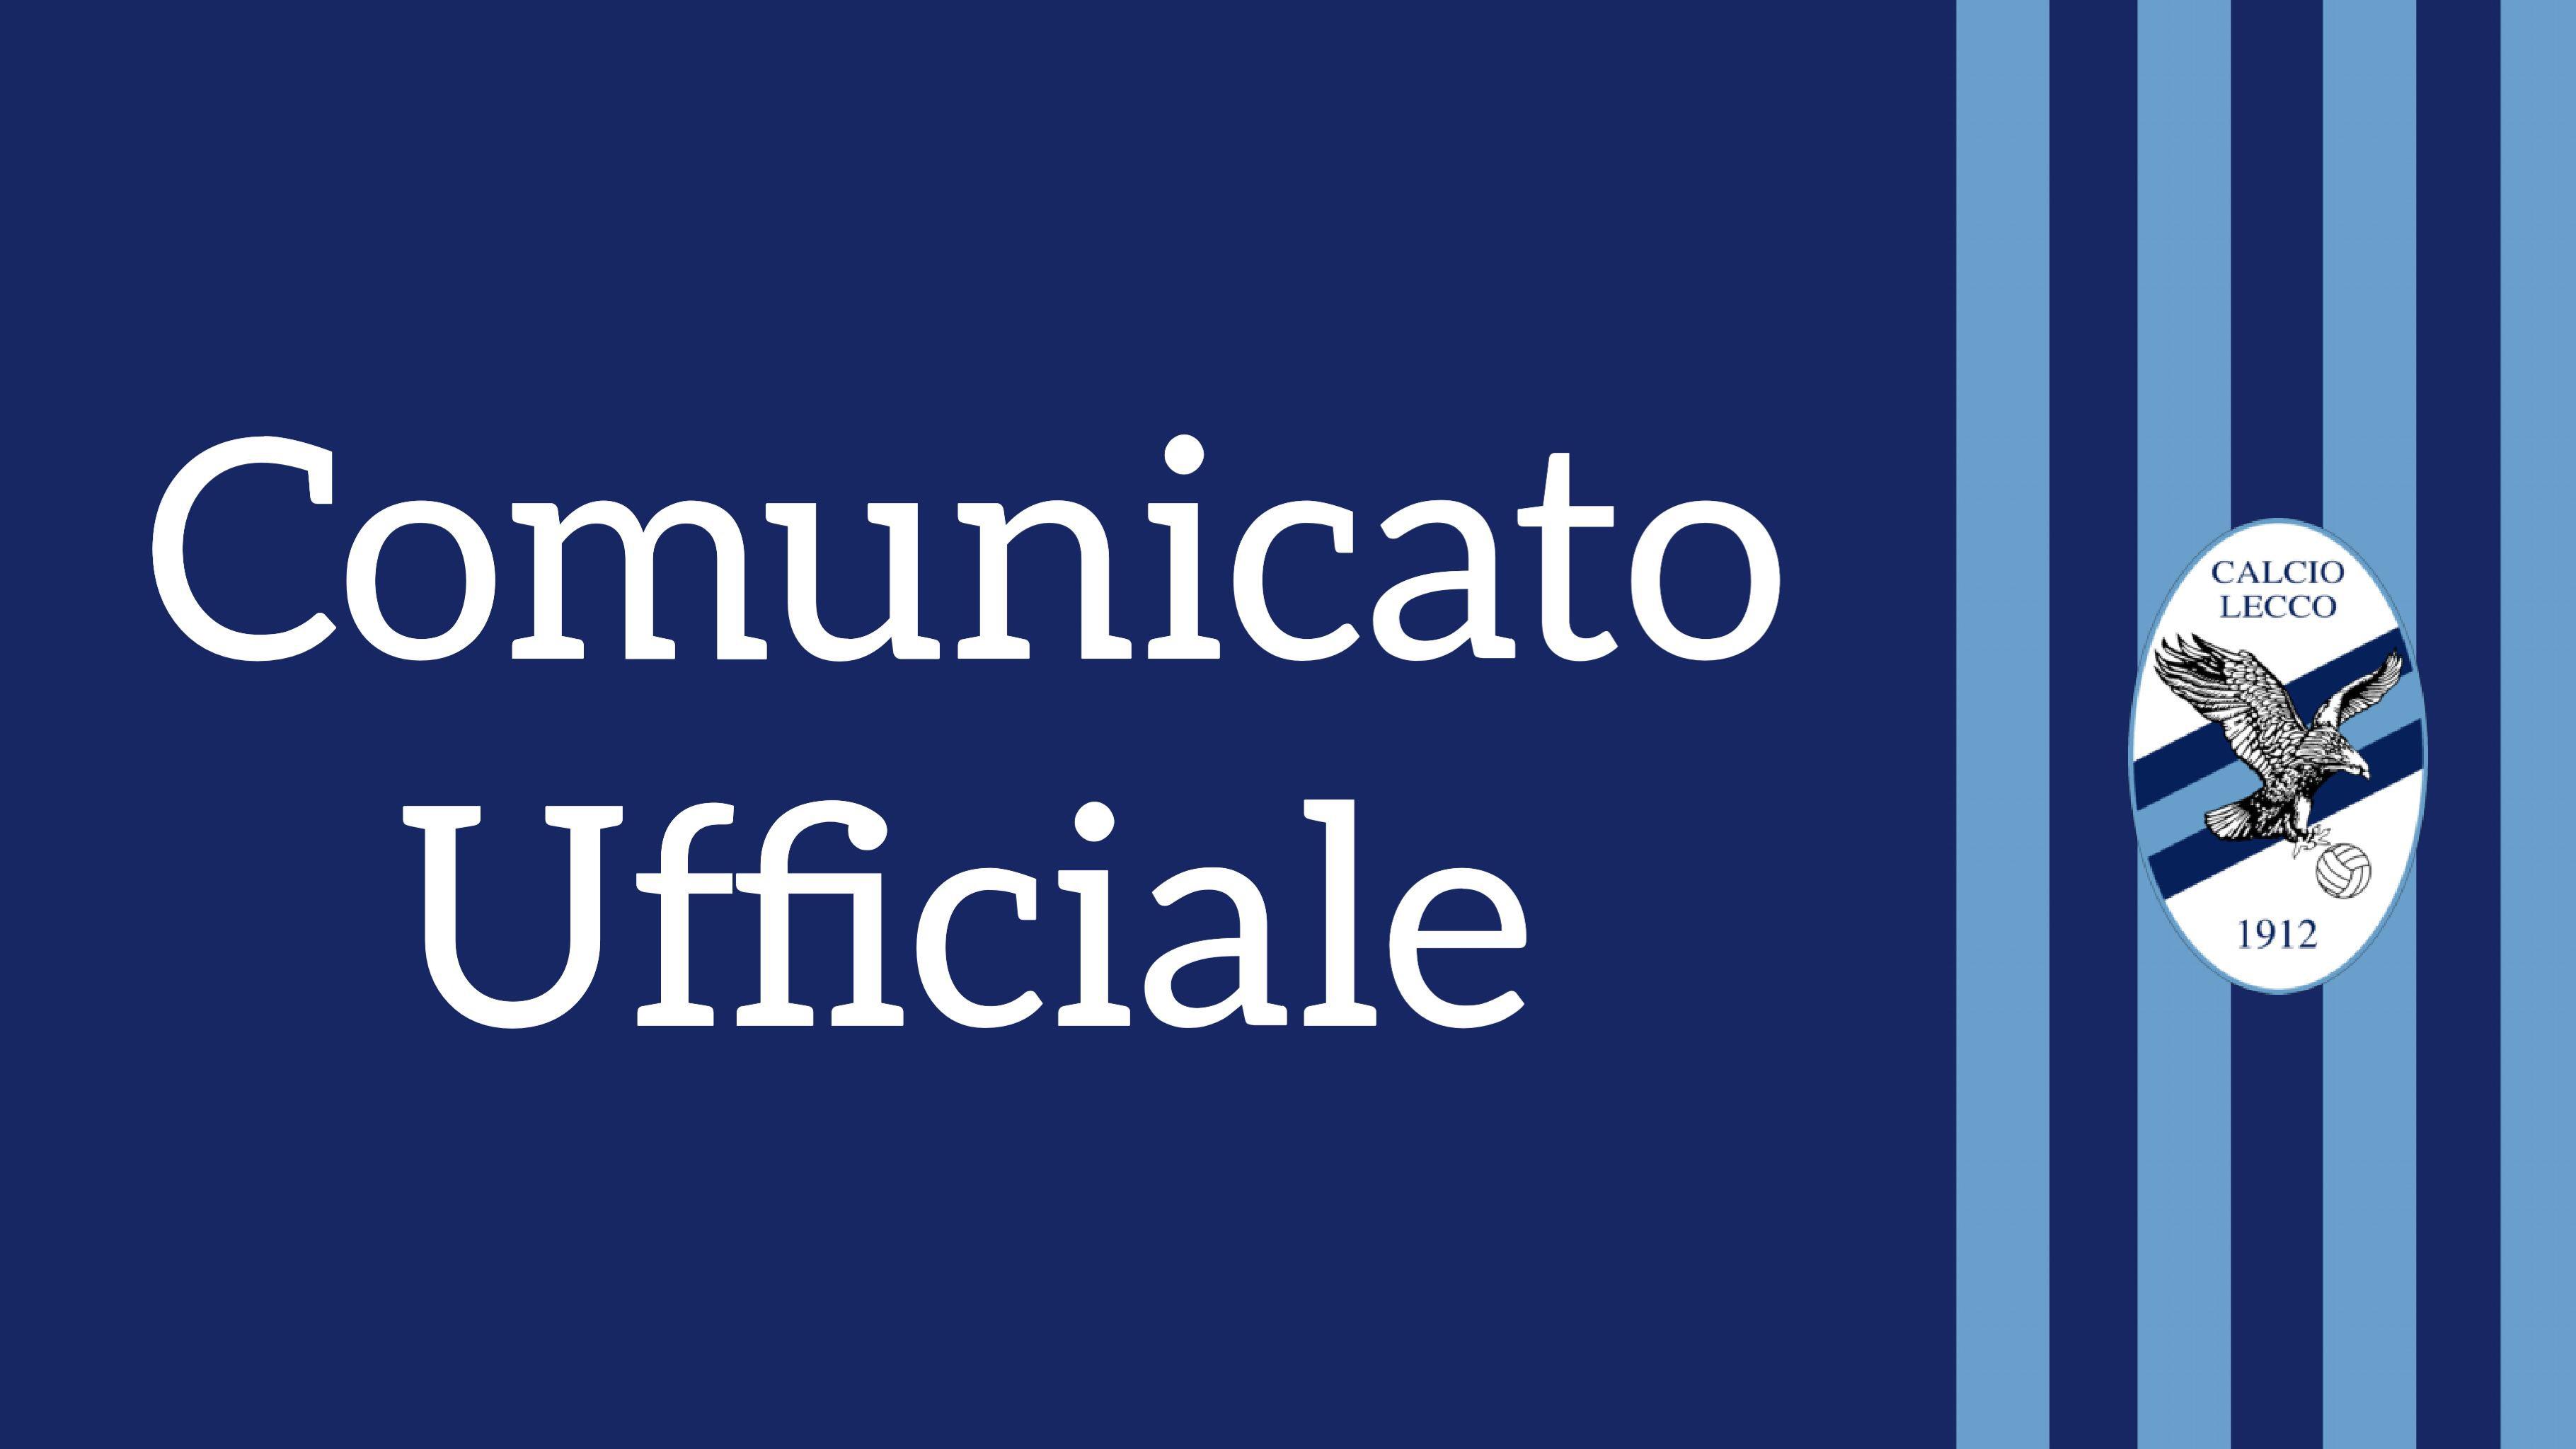 Comunicato Ufficiale Calcio Lecco